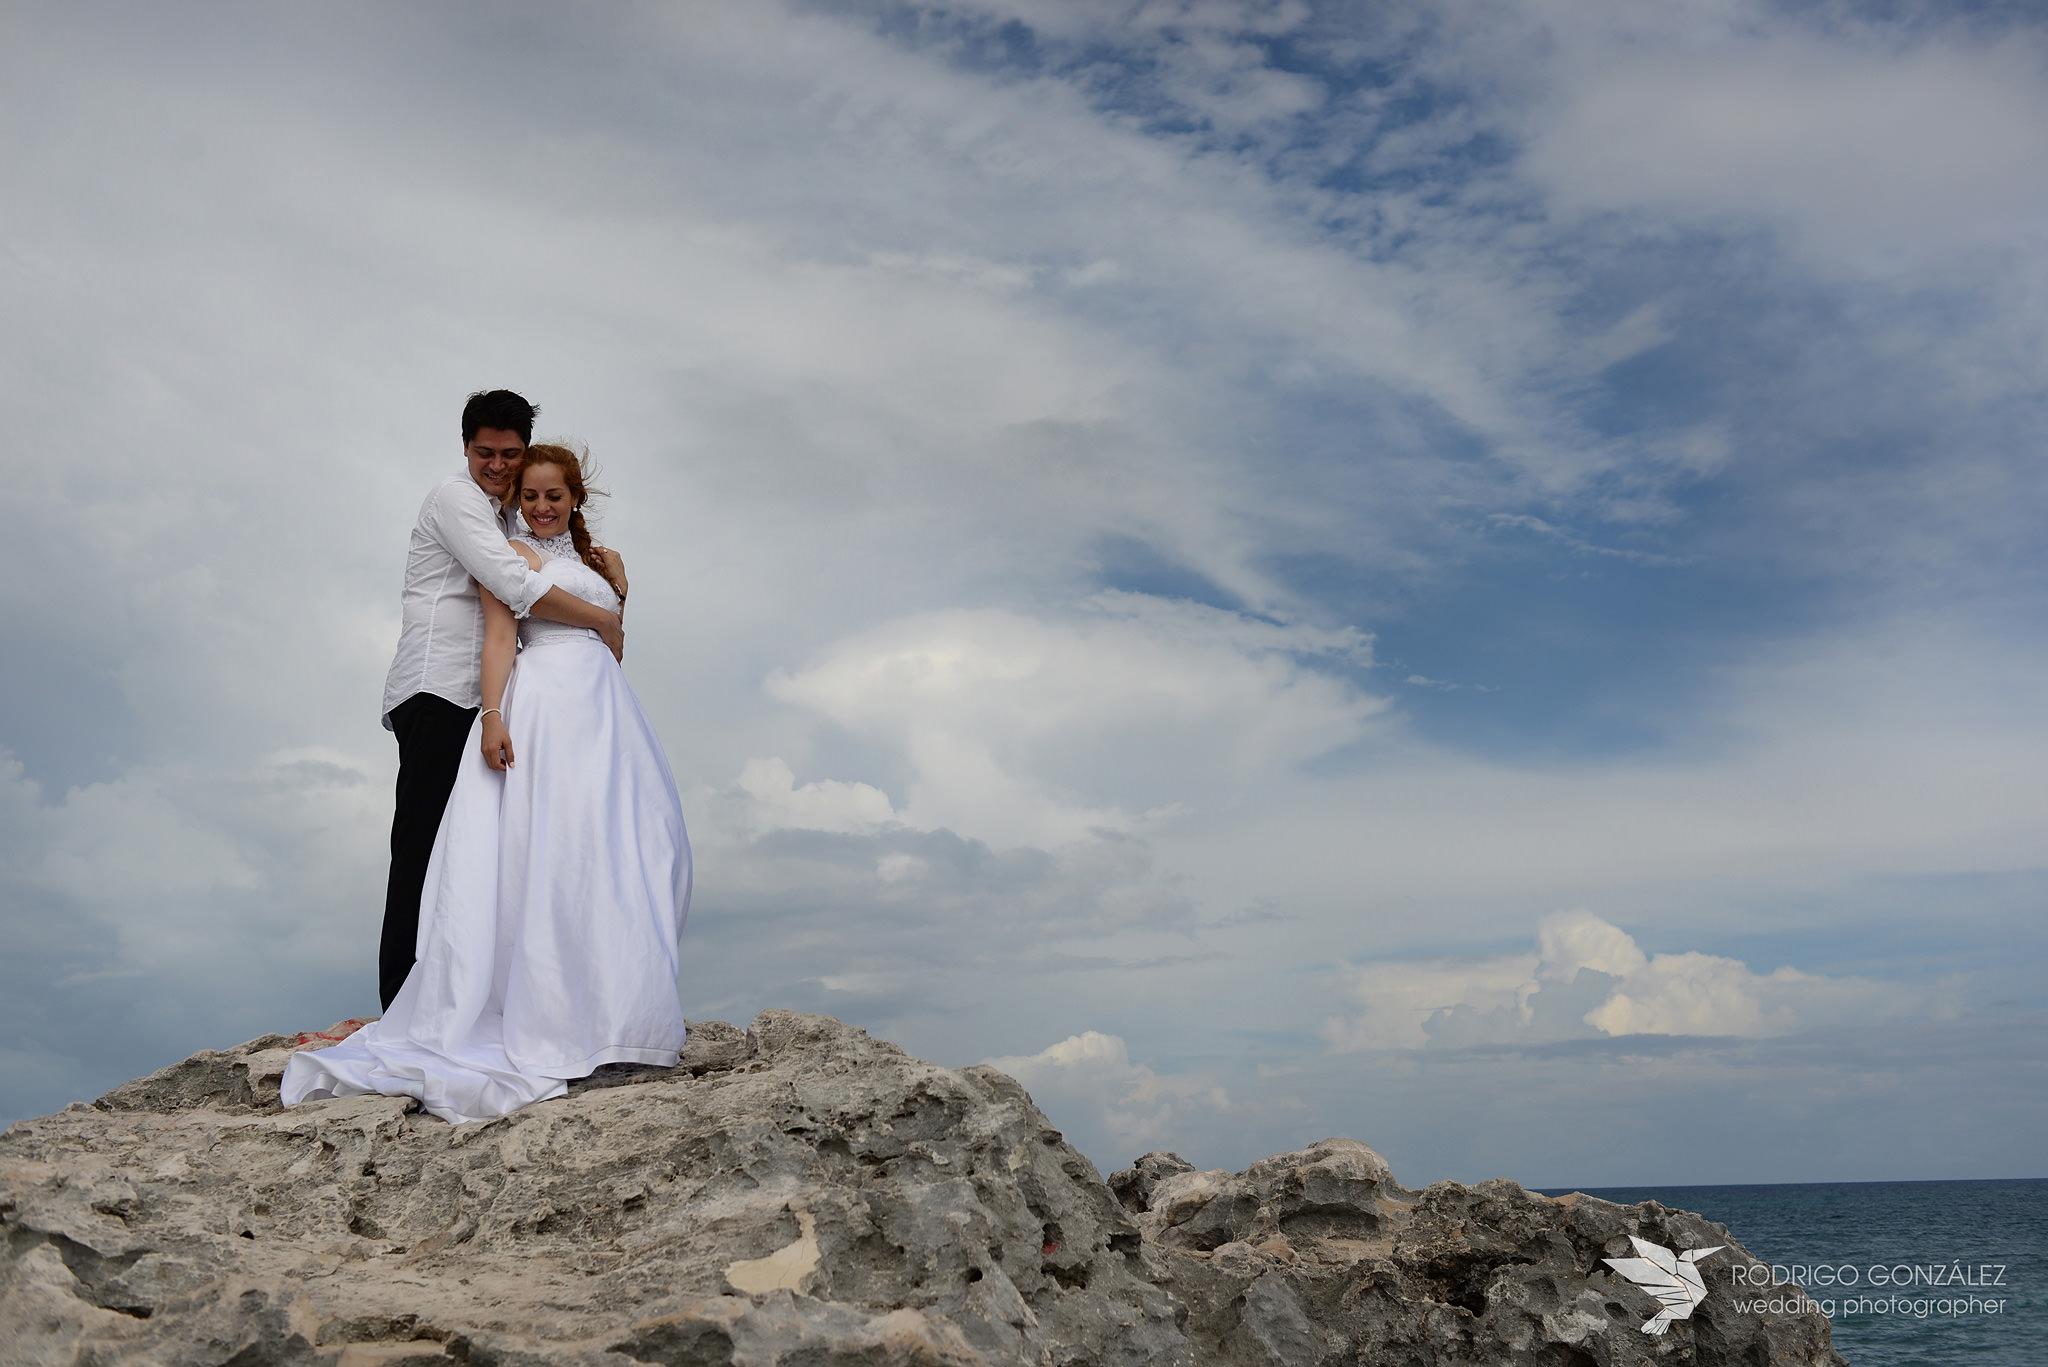 fotografo-de-bodas-en-cancun_014